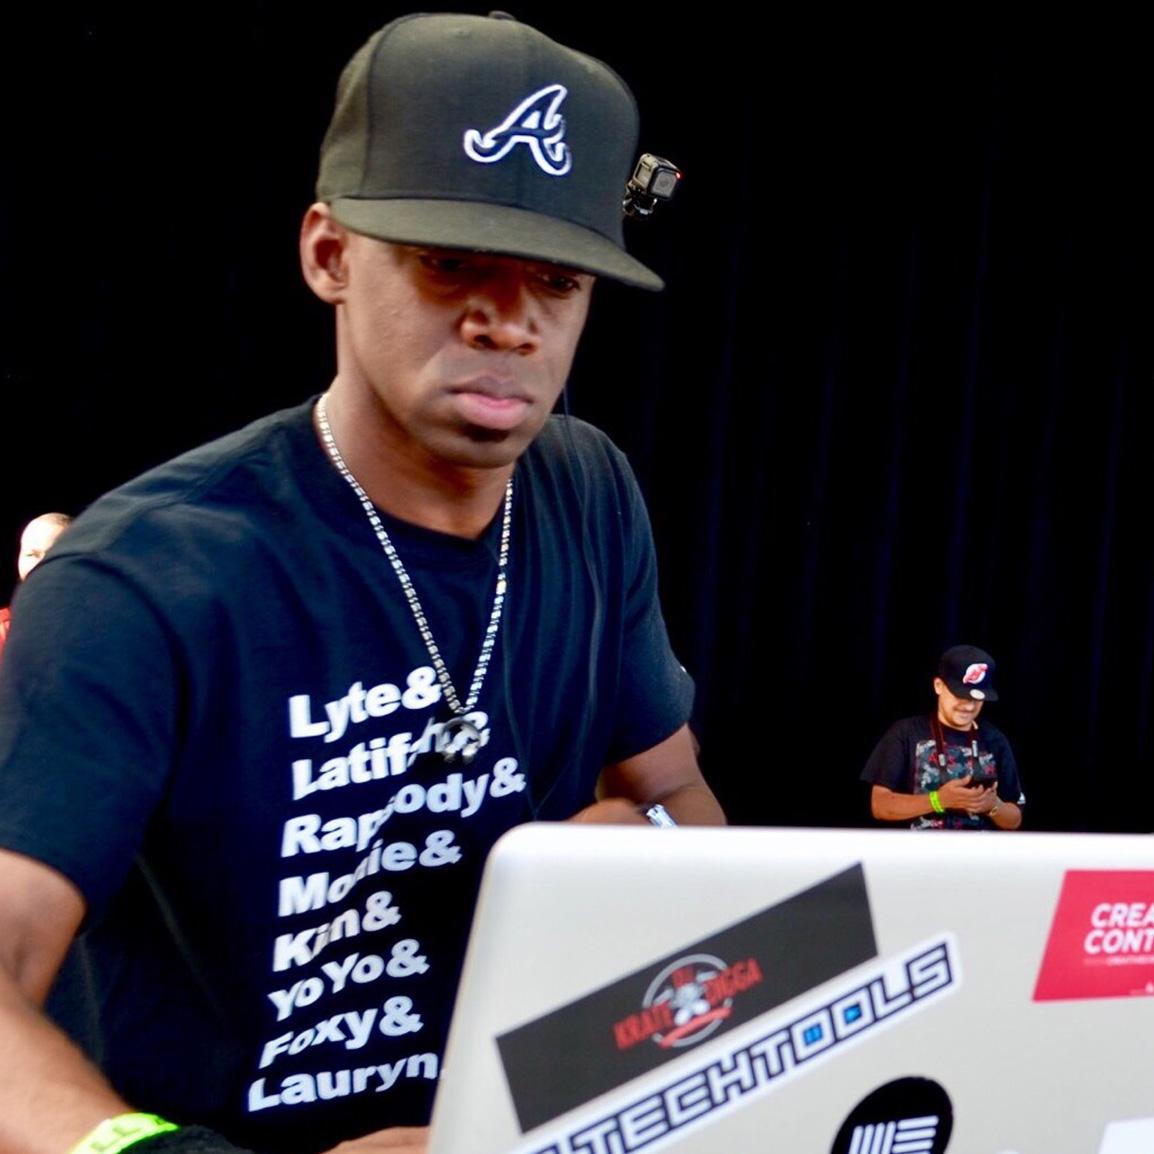 DJ Krate Digga